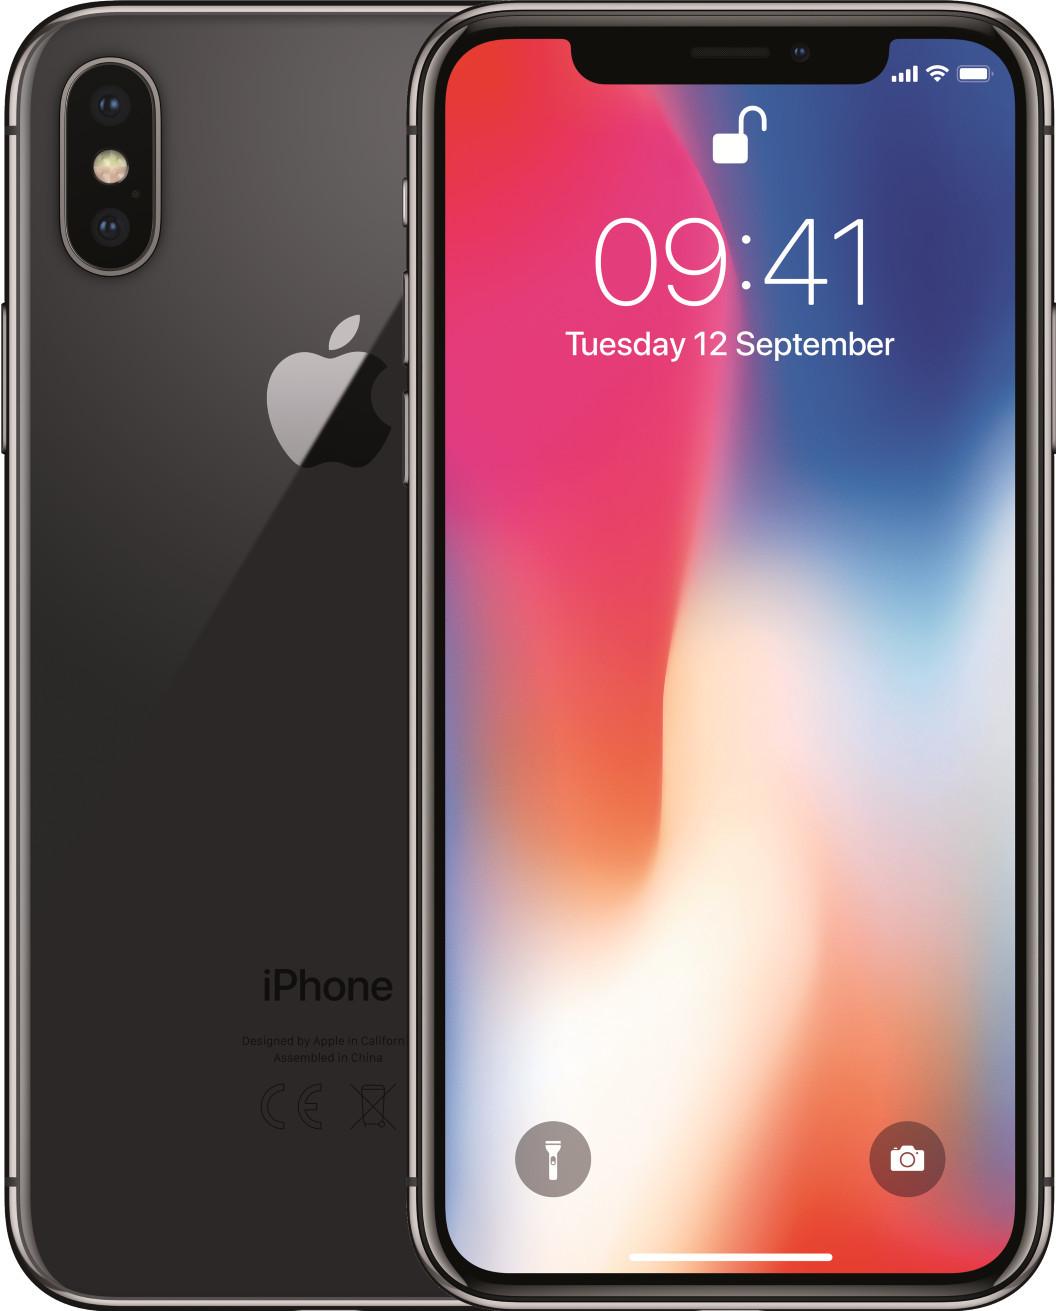 Iphone X Plus Reparatie Repareren Scholten Telecom in Gouda kleiweg 54 Schade Onderzoek Glas vervangen Waterschade behandeling Voordelig Snel